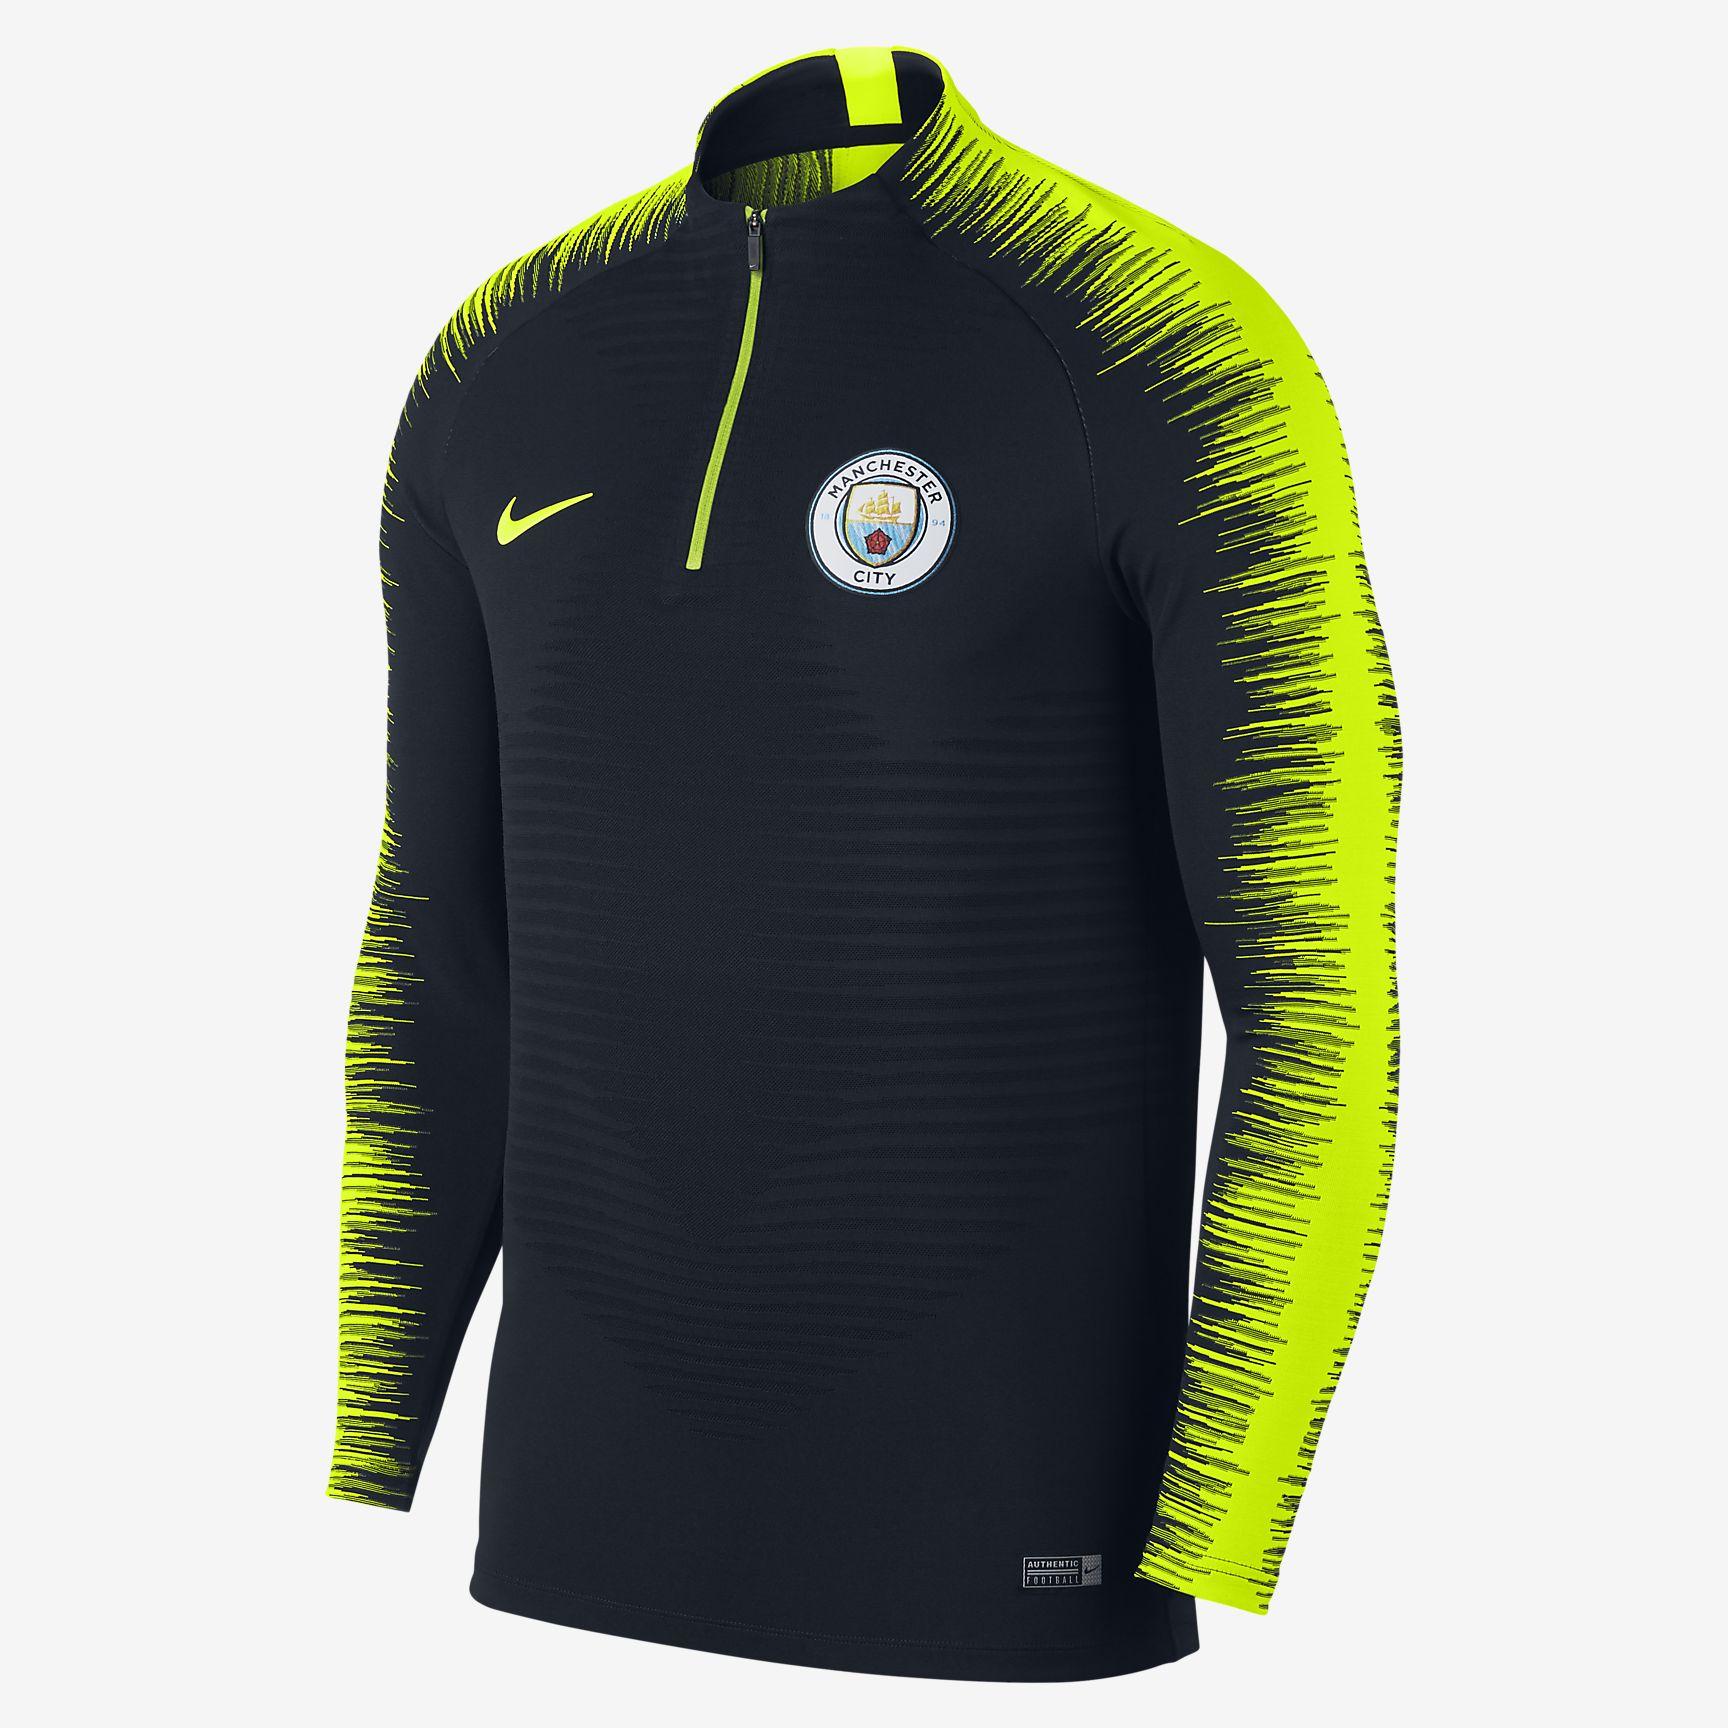 Nike Manchester City FC 2018-19 VaporKnit Strike Drill Long Sleeve Top -  Soccer Shop Manchester City Merchandise - Superfanas.lt d6659703f6a6